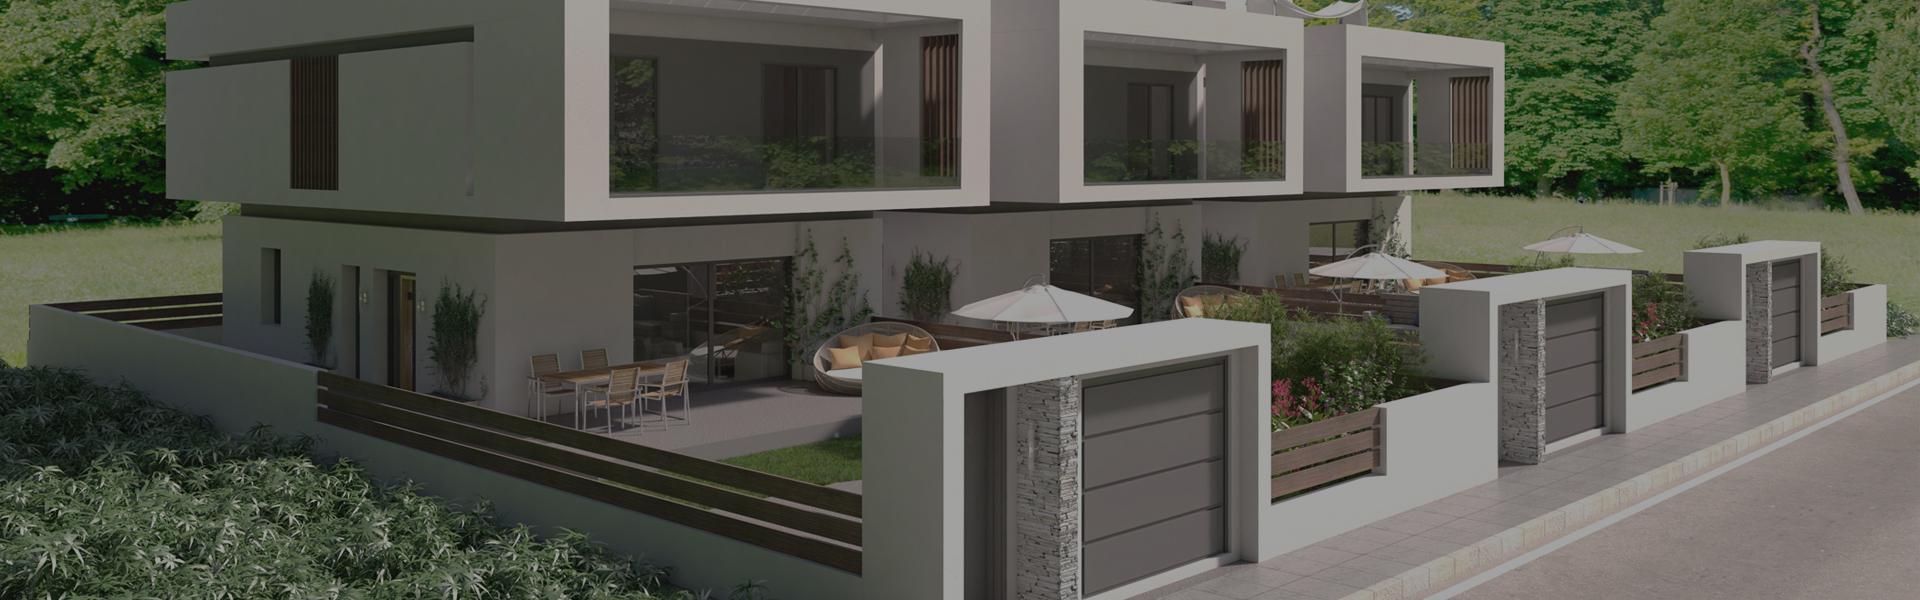 Revestimientos de fachadas - Revestimientos de fachadas ...